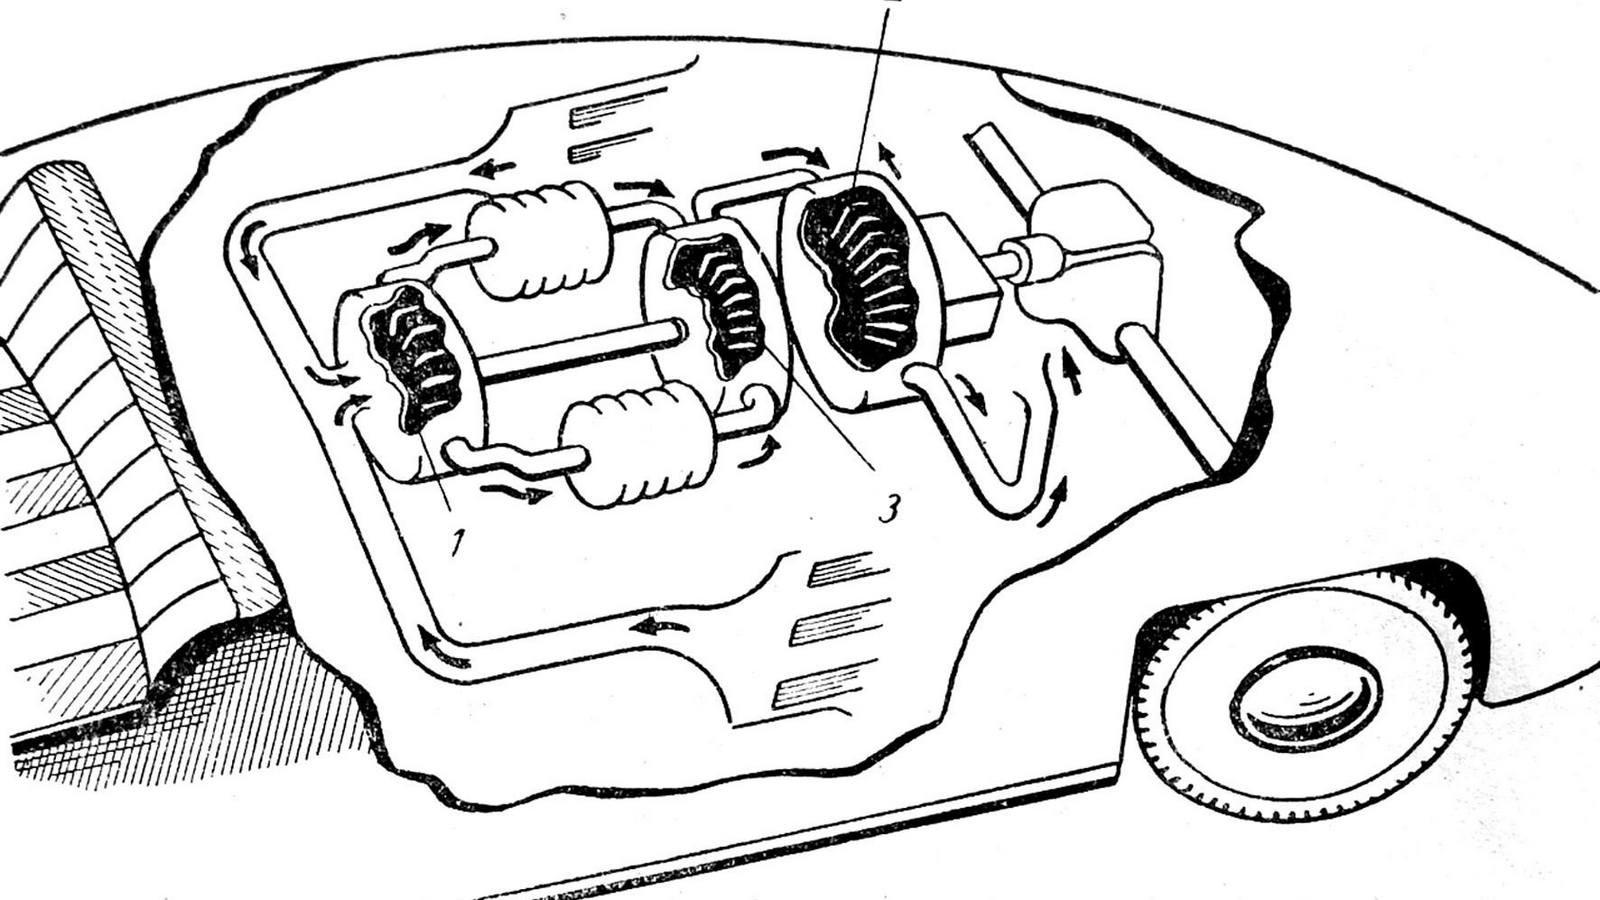 Упрощенная схема автомобильного ГТД: 1 — компрессор, 2 — тяговая турбина, 3 — турбина компрессораВ рекламных проспектах ГТД называли «альтернативой ДВС» и сообщали, что они могут работать «на всём, что течёт и горит», включая арахисовое масло, спирт, одеколон и духи Chanel. В разных версиях максимальная температура газов на выходе из ГТД колебалась от 800 до 1200 градусов. Внешне легковые газотурбинные концепт-кары почти ничем не отличались от серийных автомобилей или являлись принципиально новыми конструкциями, но в обоих случаях были собраны в опытных образцах, не предназначенных для серийного производства.Газотурбинные автомобили компании RoverЛавры создания первого в мире газотурбинного легкового автомобиля принадлежали британской компании Rover, инженеры которой впервые познакомилась с такими агрегатами во время Второй мировой войны при секретных разработках авиационных и танковых газовых турбин.Первый в мире газотурбинный автомобиль Rover Jet-1 удивлял всех прохожих в Лондоне. 1950 годВ 1946 году, не имея понятия, к чему приведут её старания, фирма Rover приступила к созданию экспериментальной открытой двухместной машины Jet-1 с задним расположением двигателя. Затем ушло еще три года на доработку базового легкового шасси Р-4 без коробки передач, на выбор схемы ГТД и испытания первого работоспособного двигателя Т-5 в 100 сил. Его центробежный компрессор вращался с частотой до 40 тысяч оборотов в минуту, а вал турбины развивал 26 тысяч, для чего была введена понижающая передача на колеса.Опробование второго более мощного турбоавтомобиля Rover Jet-1. 1952 год (фото R. Gerelli)Публичная демонстрация автомобиля Jet-1 сопровождалась шумной рекламной кампанией (фото R. Gerelli)Презентация Jet-1 состоялась в марте 1950 года. Через два года начались испытания модернизированного варианта с 230-сильной турбиной Т-8. Такой ГТД отличался плавностью работы, но слишком высокая рабочая температура потребовала применения редких и дорогих материалов, а расход авиационного керос